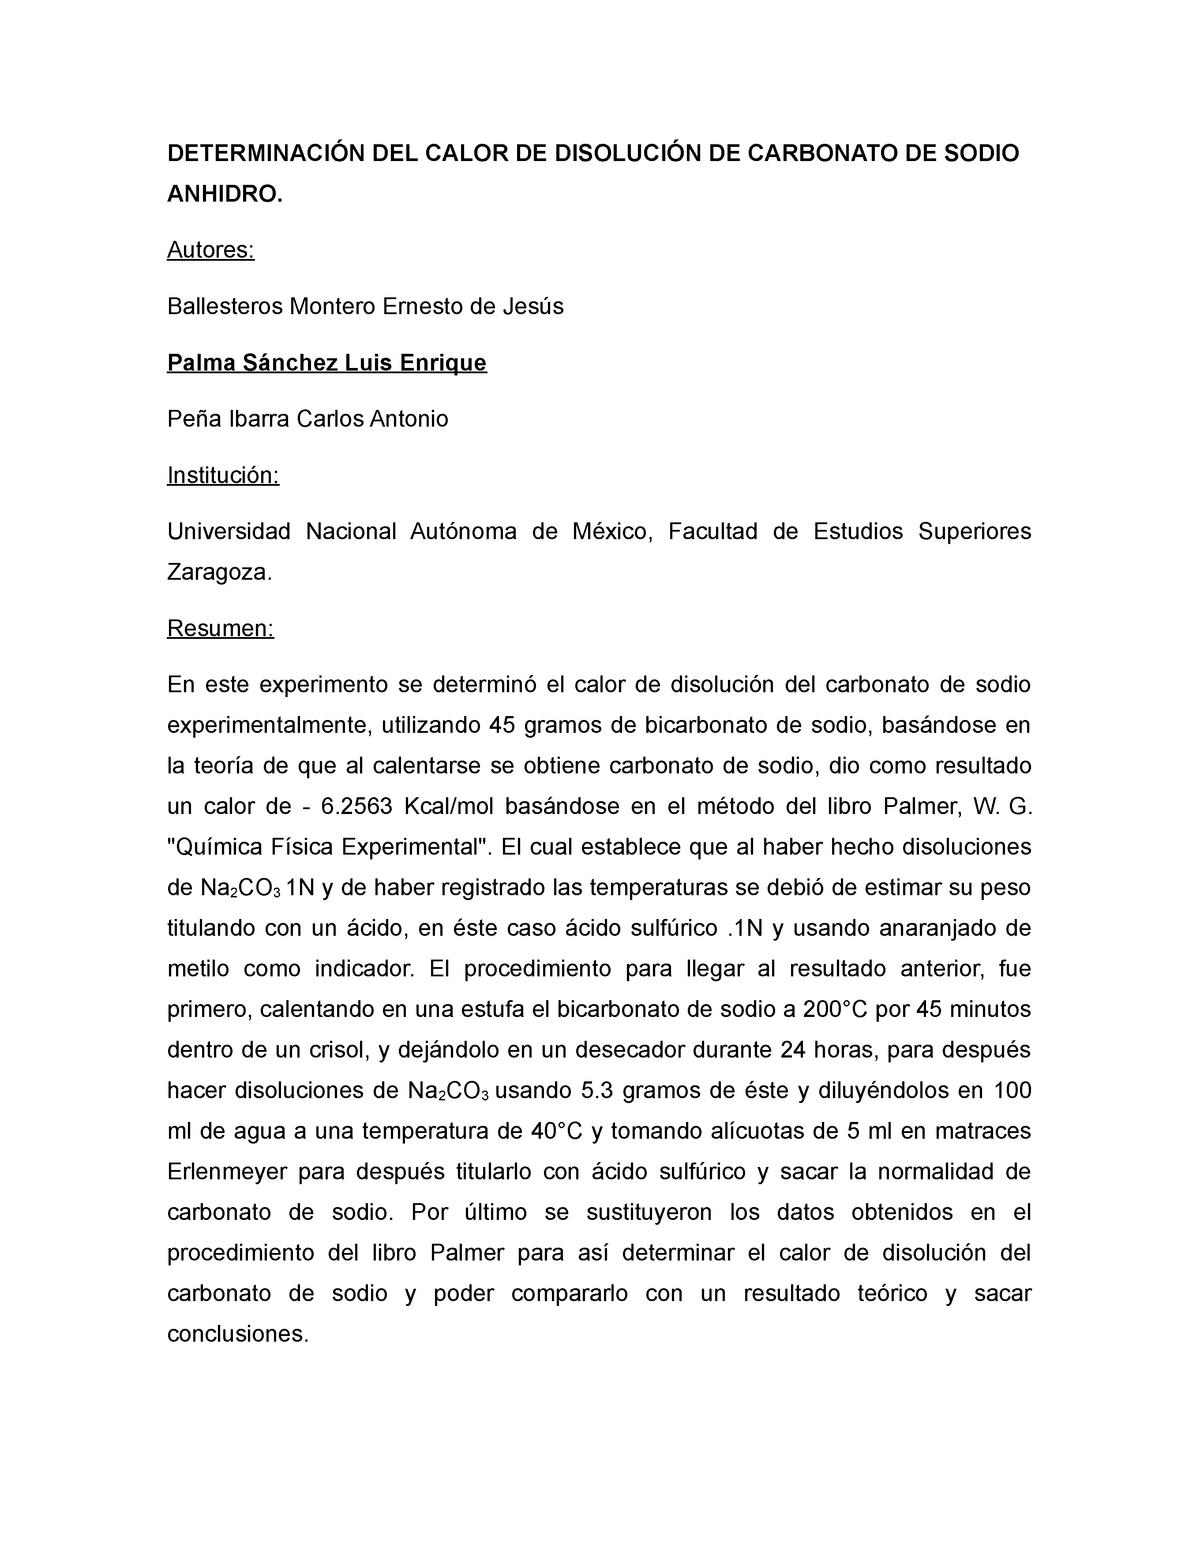 Calor De Disolución Del Carbonato De Sodio Palma Sánchez